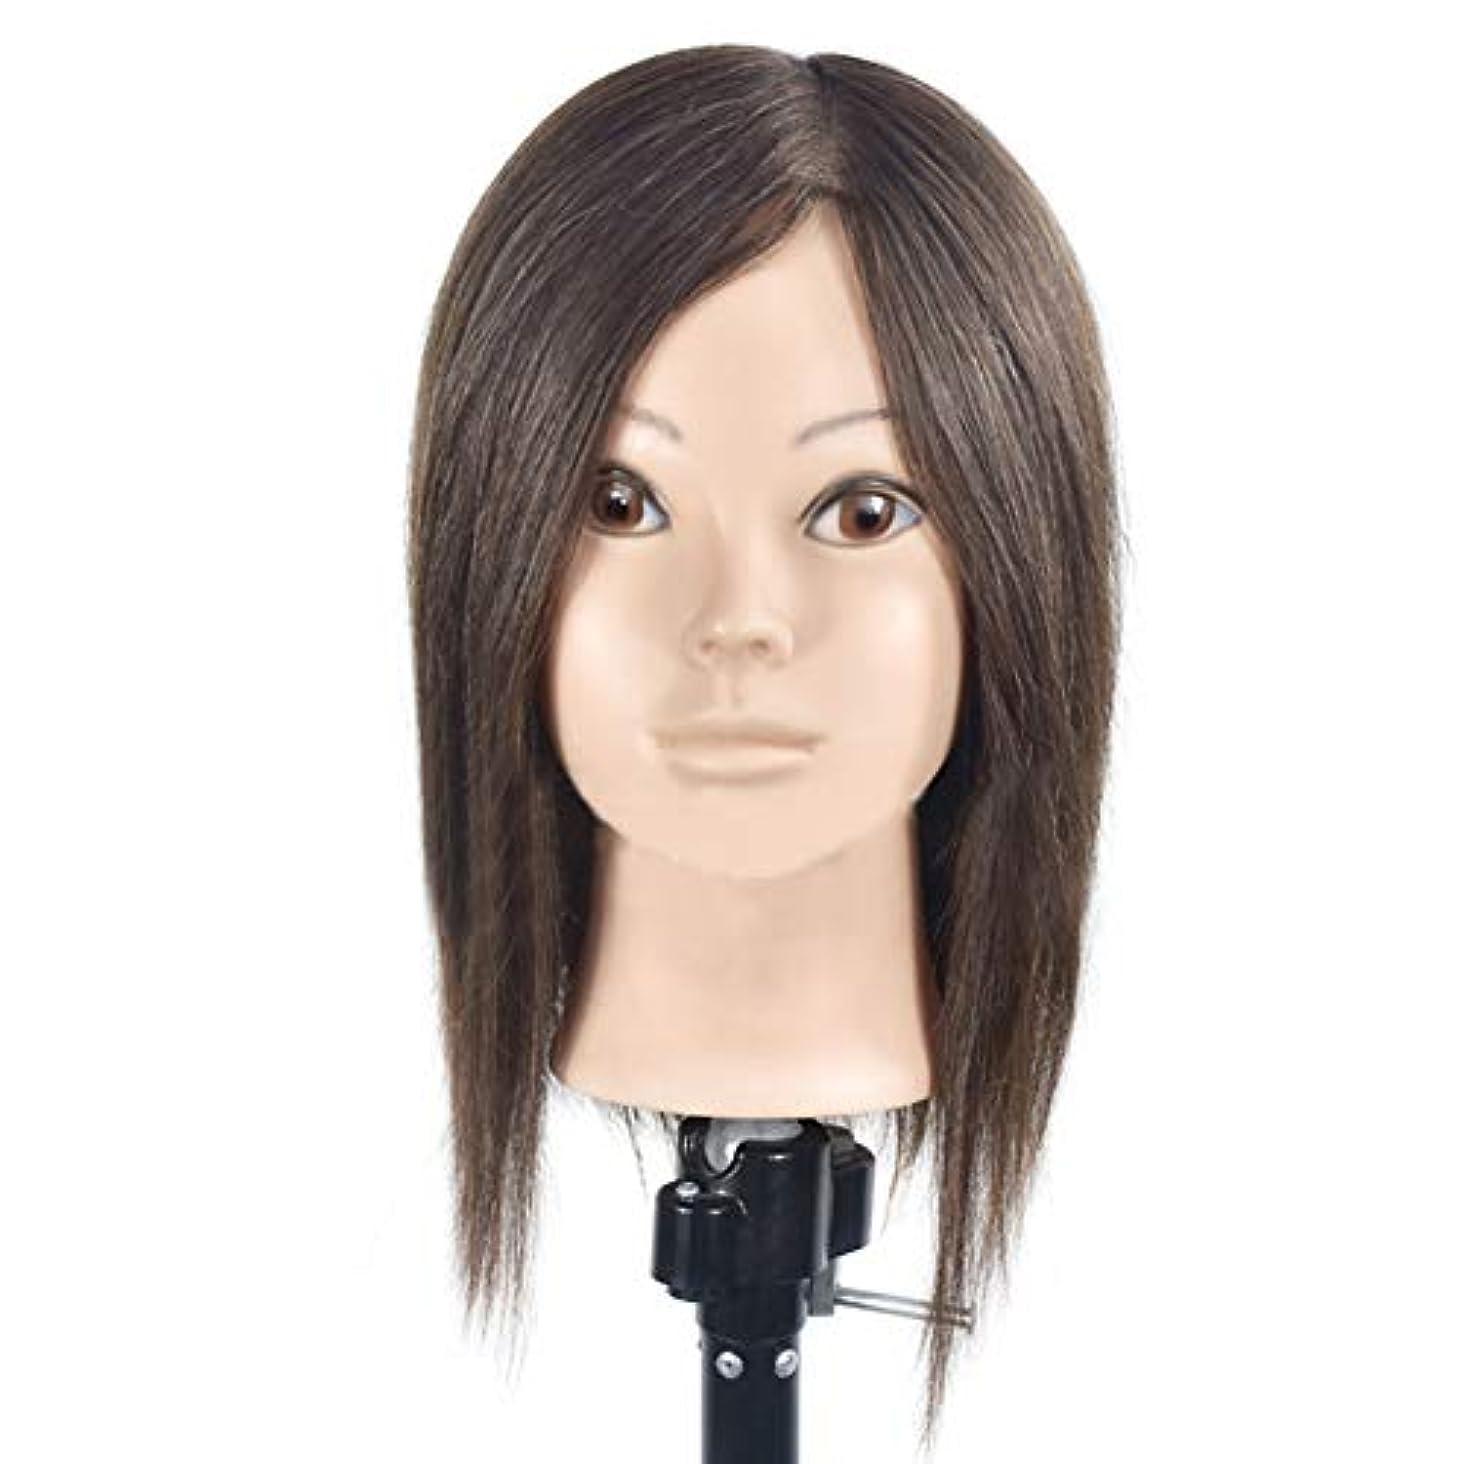 セクタ愛テレビを見る本物の人間の髪のかつらの頭の金型の理髪の髪型のスタイリングマネキンの頭の理髪店の練習の練習ダミーヘッド